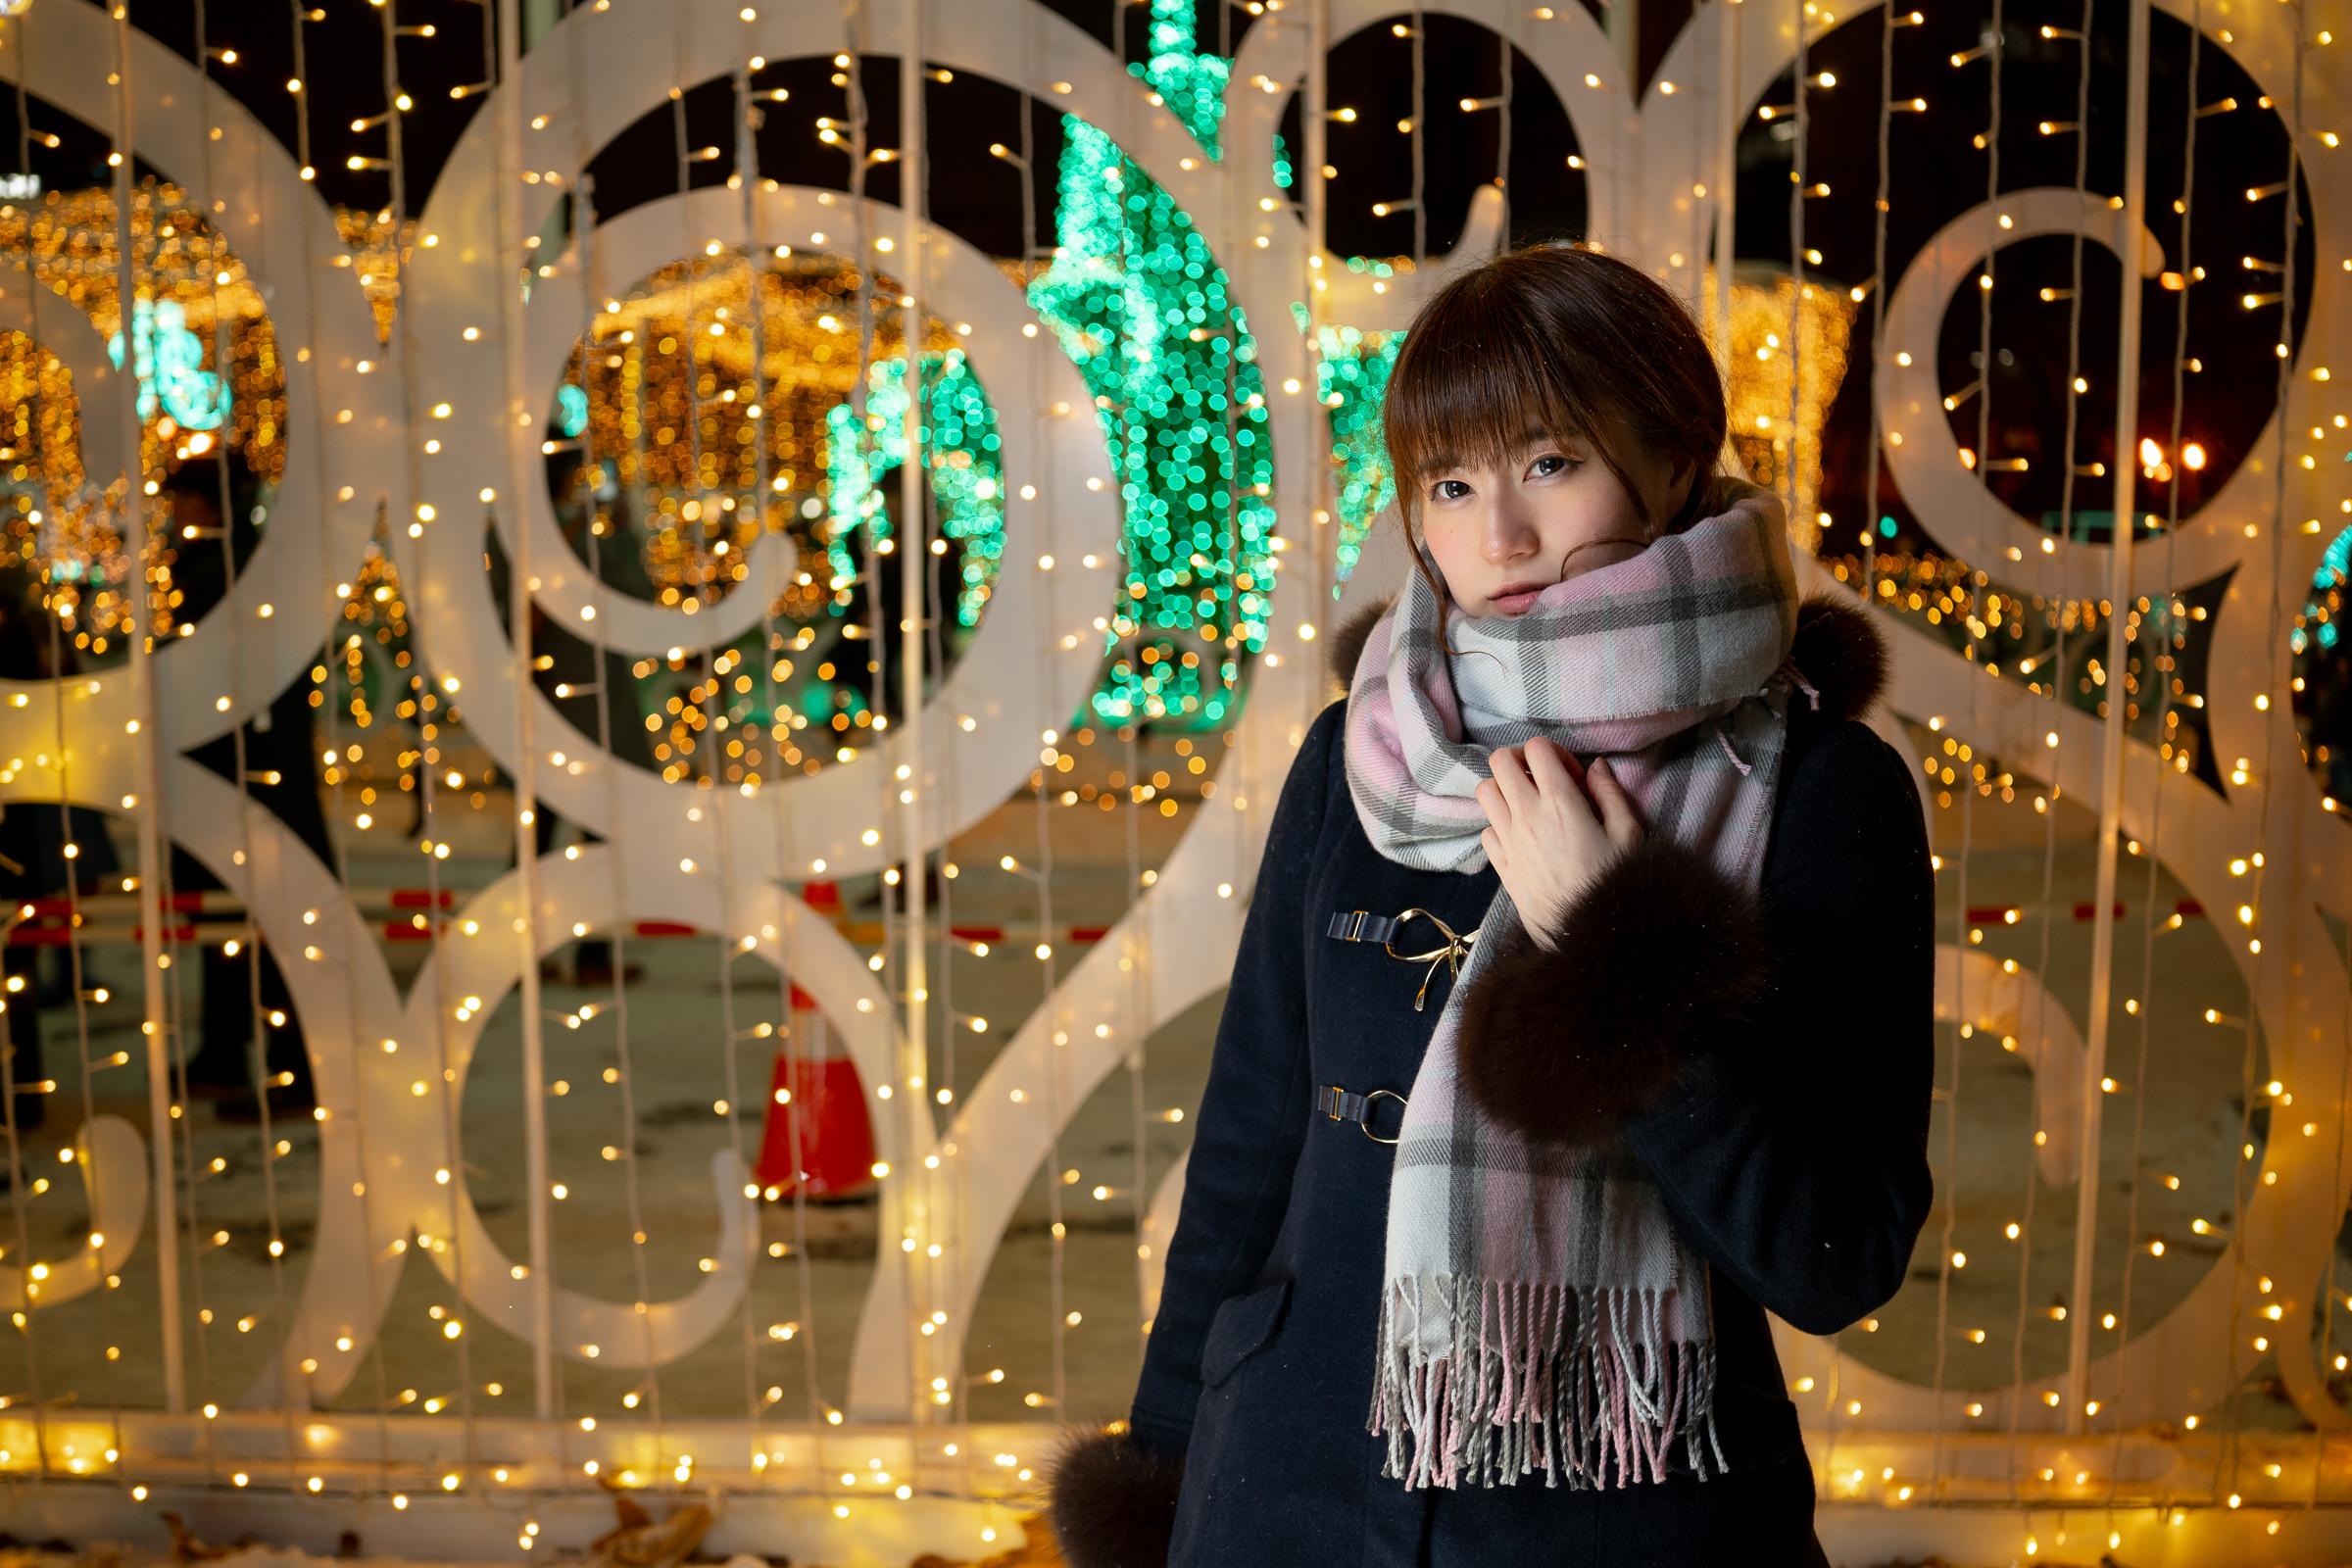 3代目HAPPY少女♪ あゆみ ( 新谷亜由美 ) | モデルプロ撮影会 in 事務所 & イルミネーション